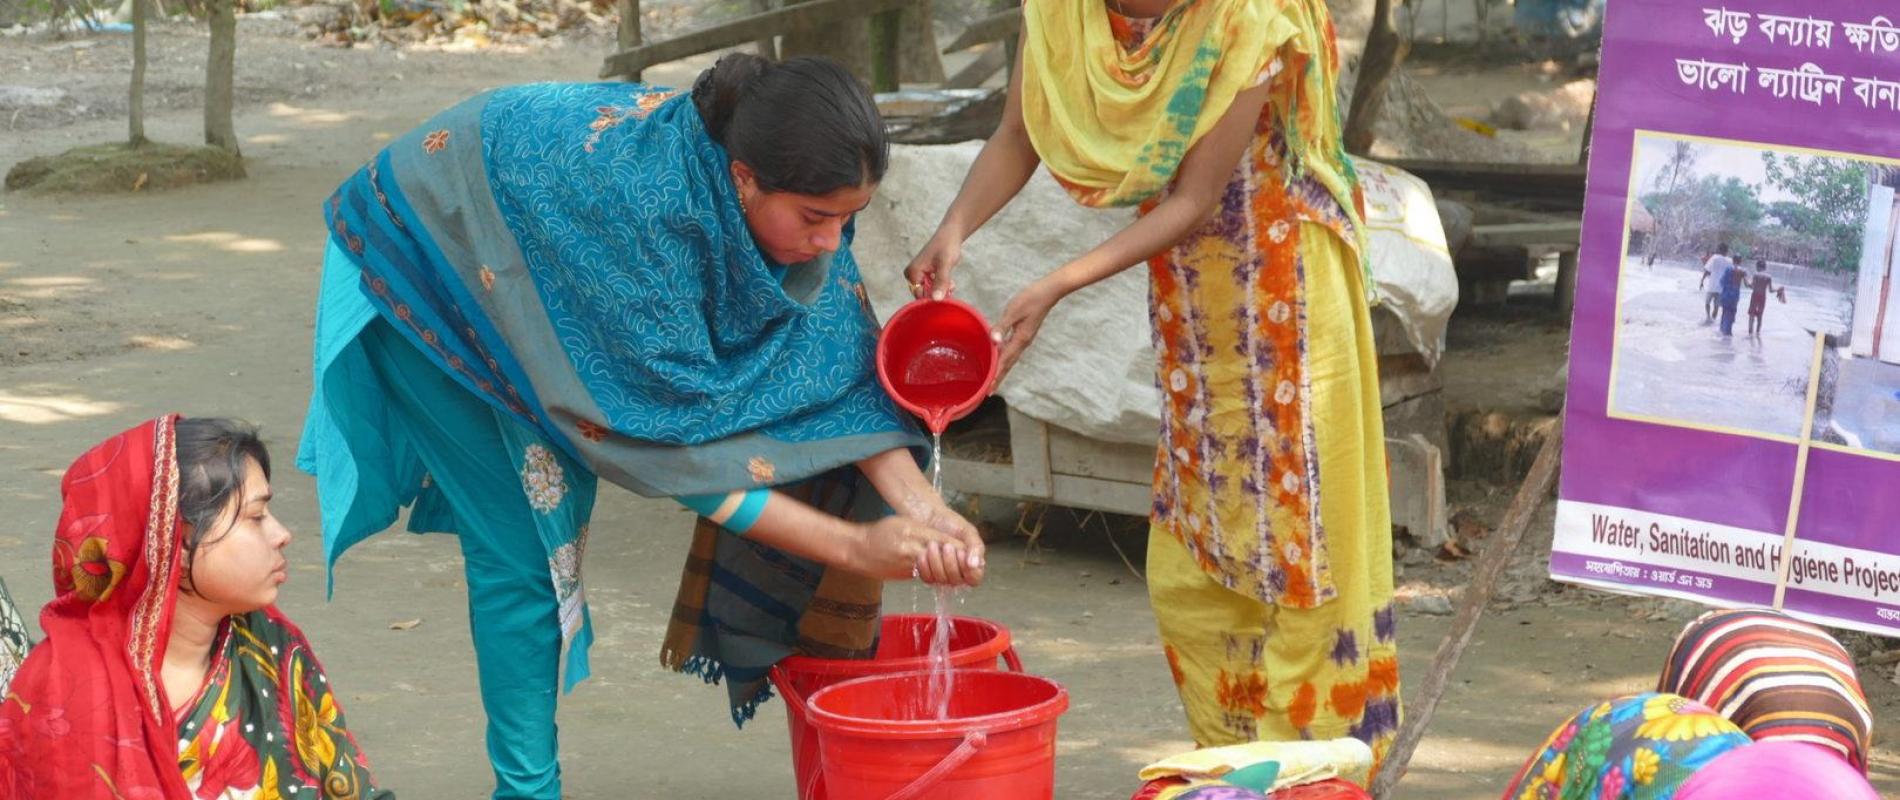 Aswas bangladesh (7)